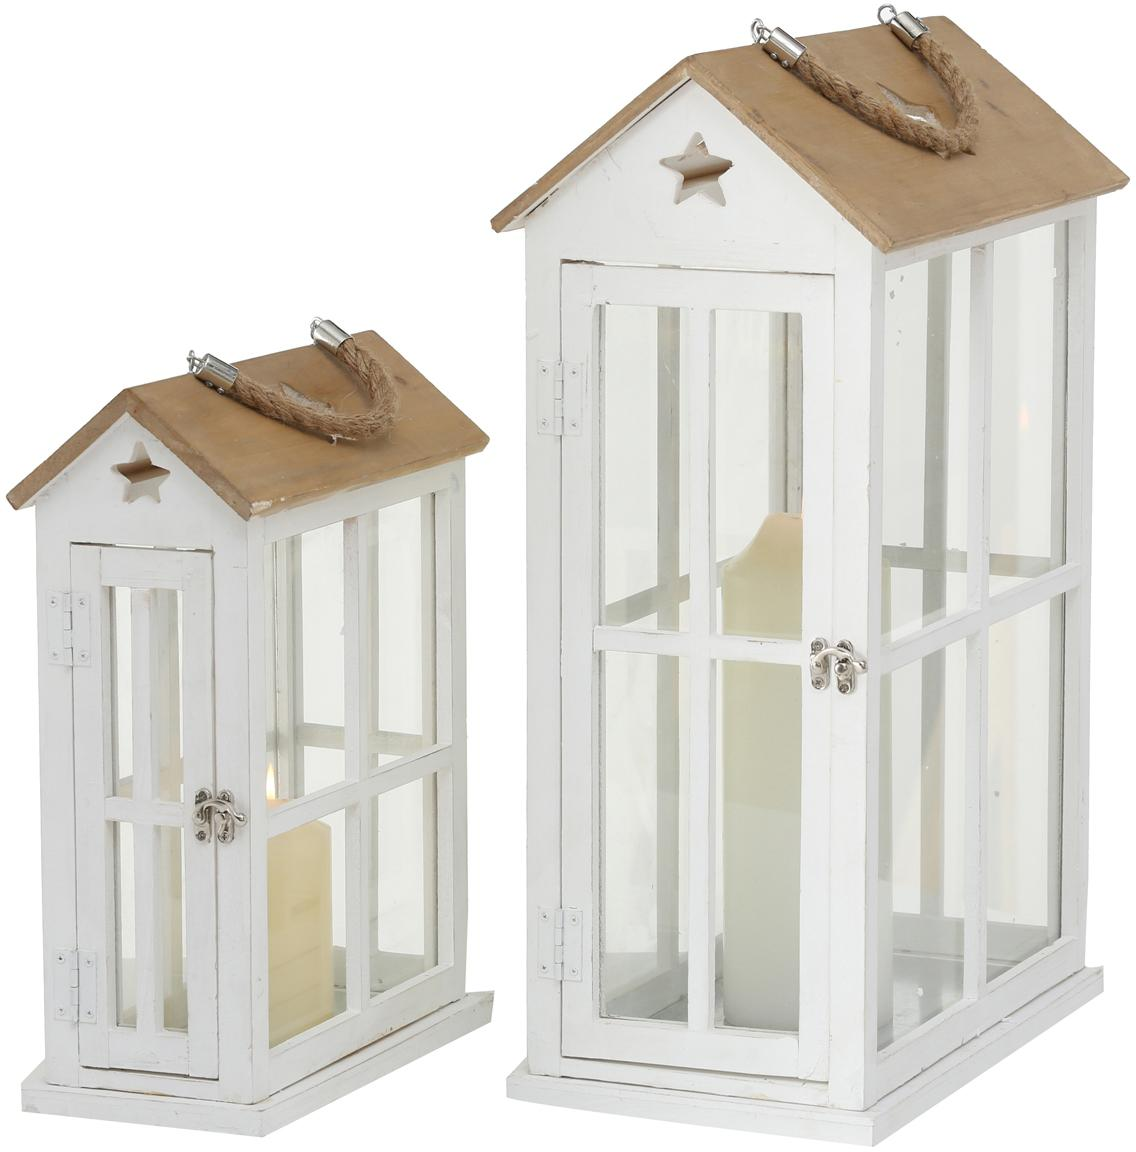 Lantaarnset Casa, 2-delig, Frame: gecoat sparrenhout, Wit, houtkleurig, Set met verschillende formaten